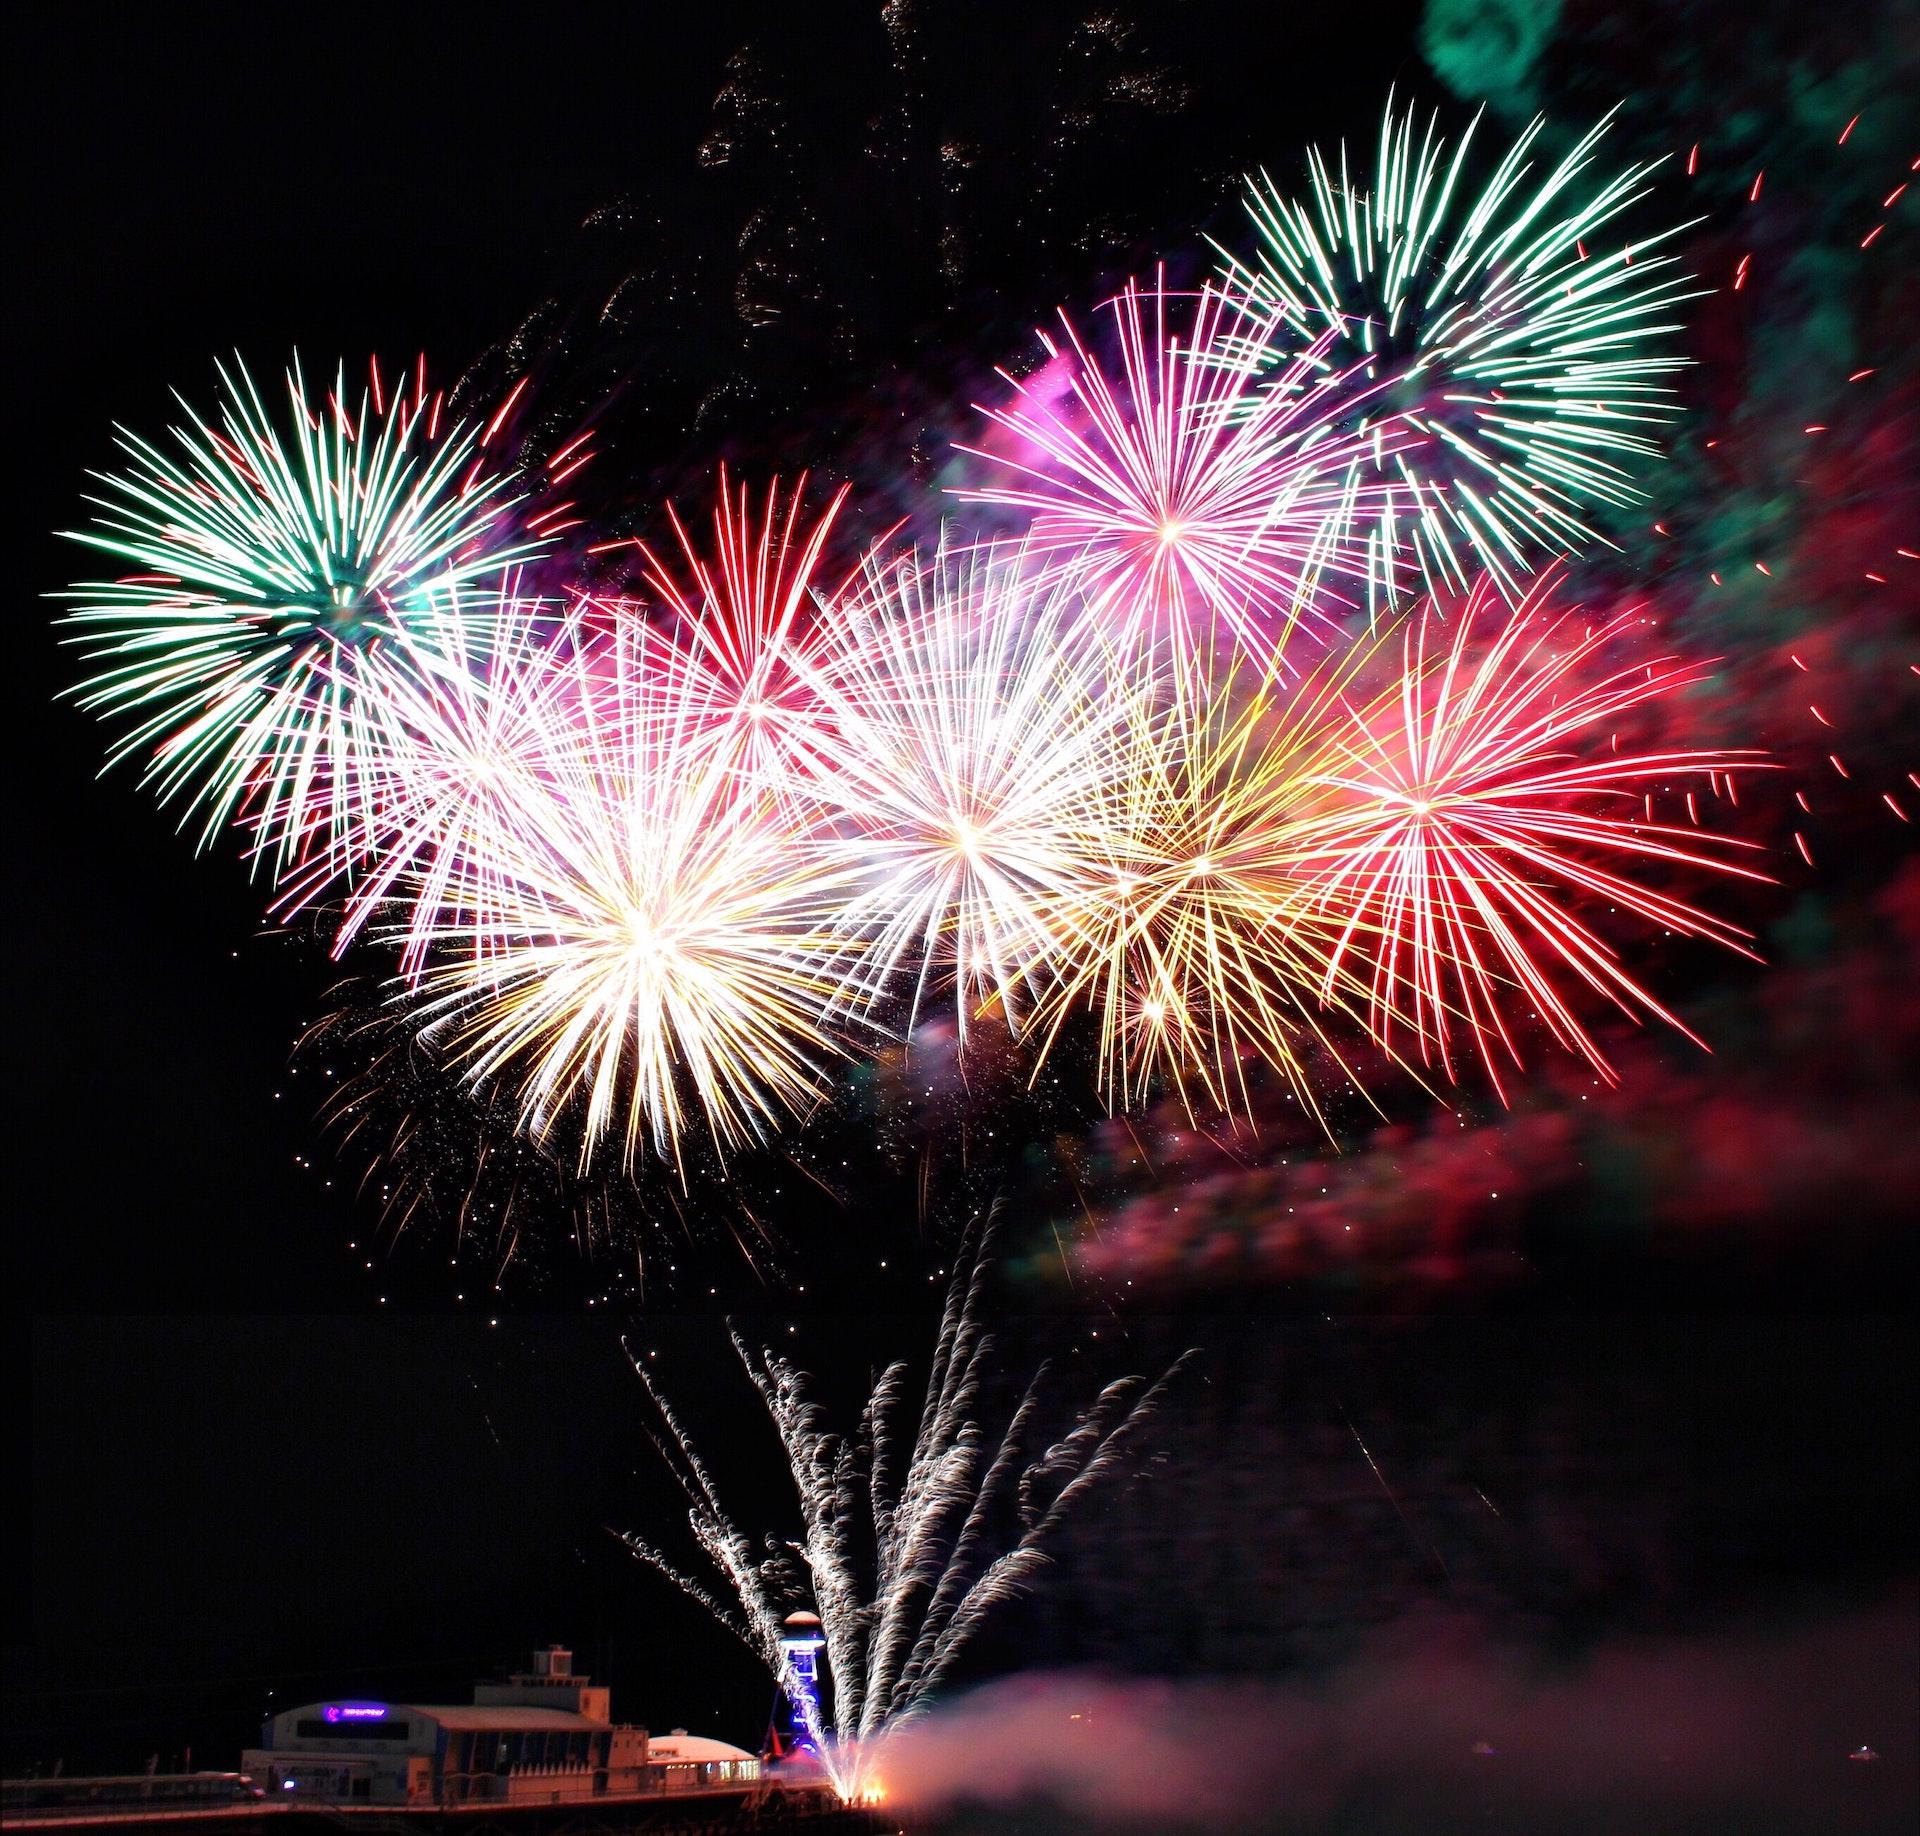 ¿Qué país festeja primero el Año Nuevo? No es Australia